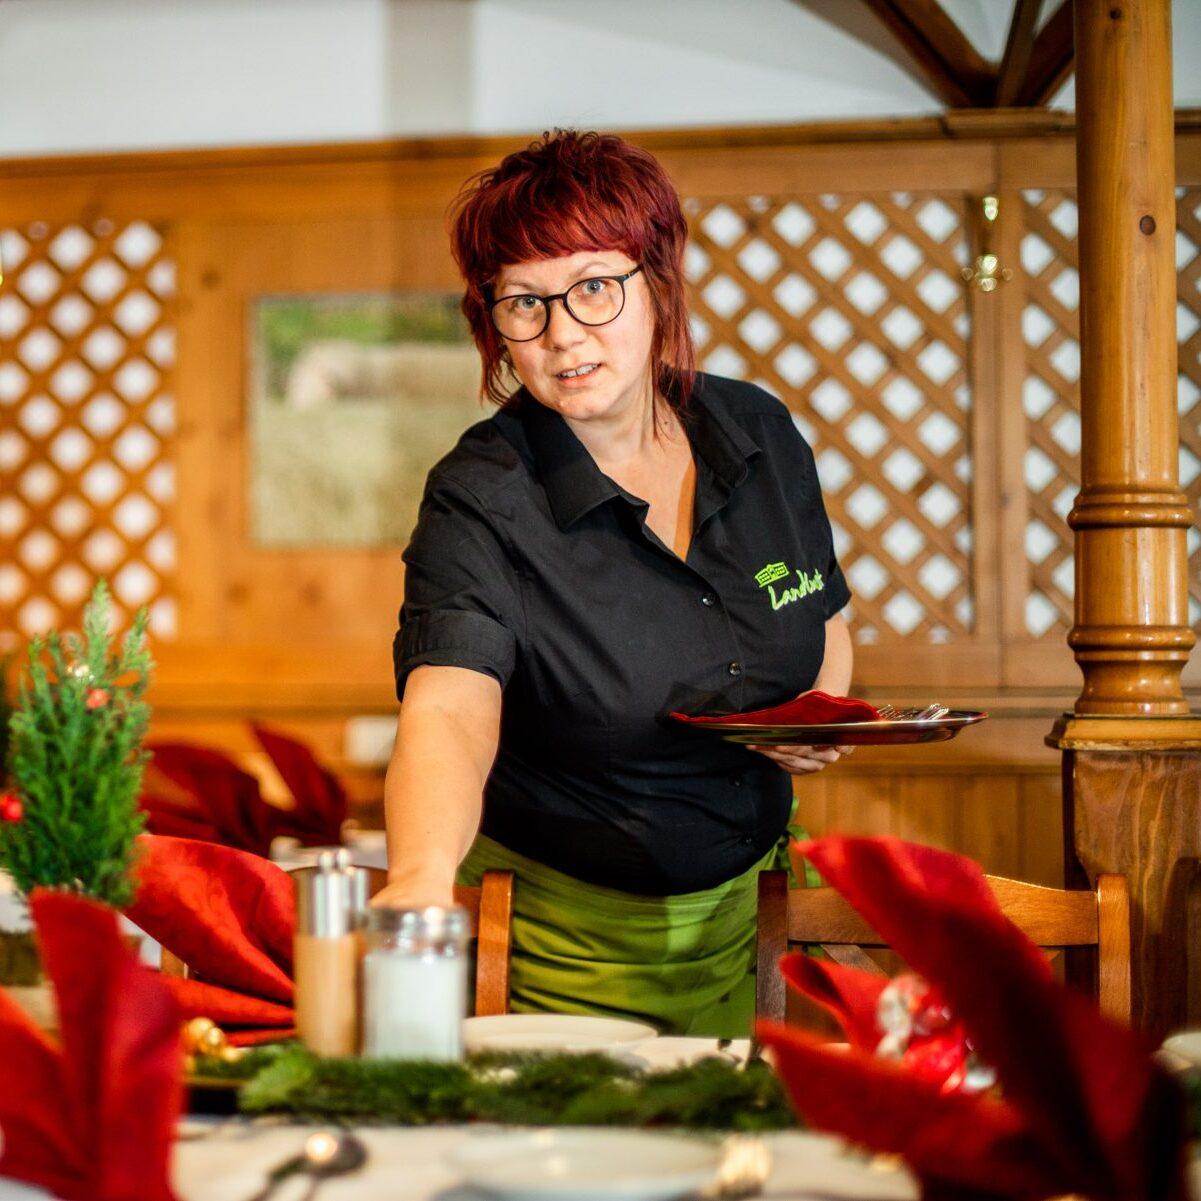 reitsberger-hof-vaterstetten-restaurant-12122018-mokati-222